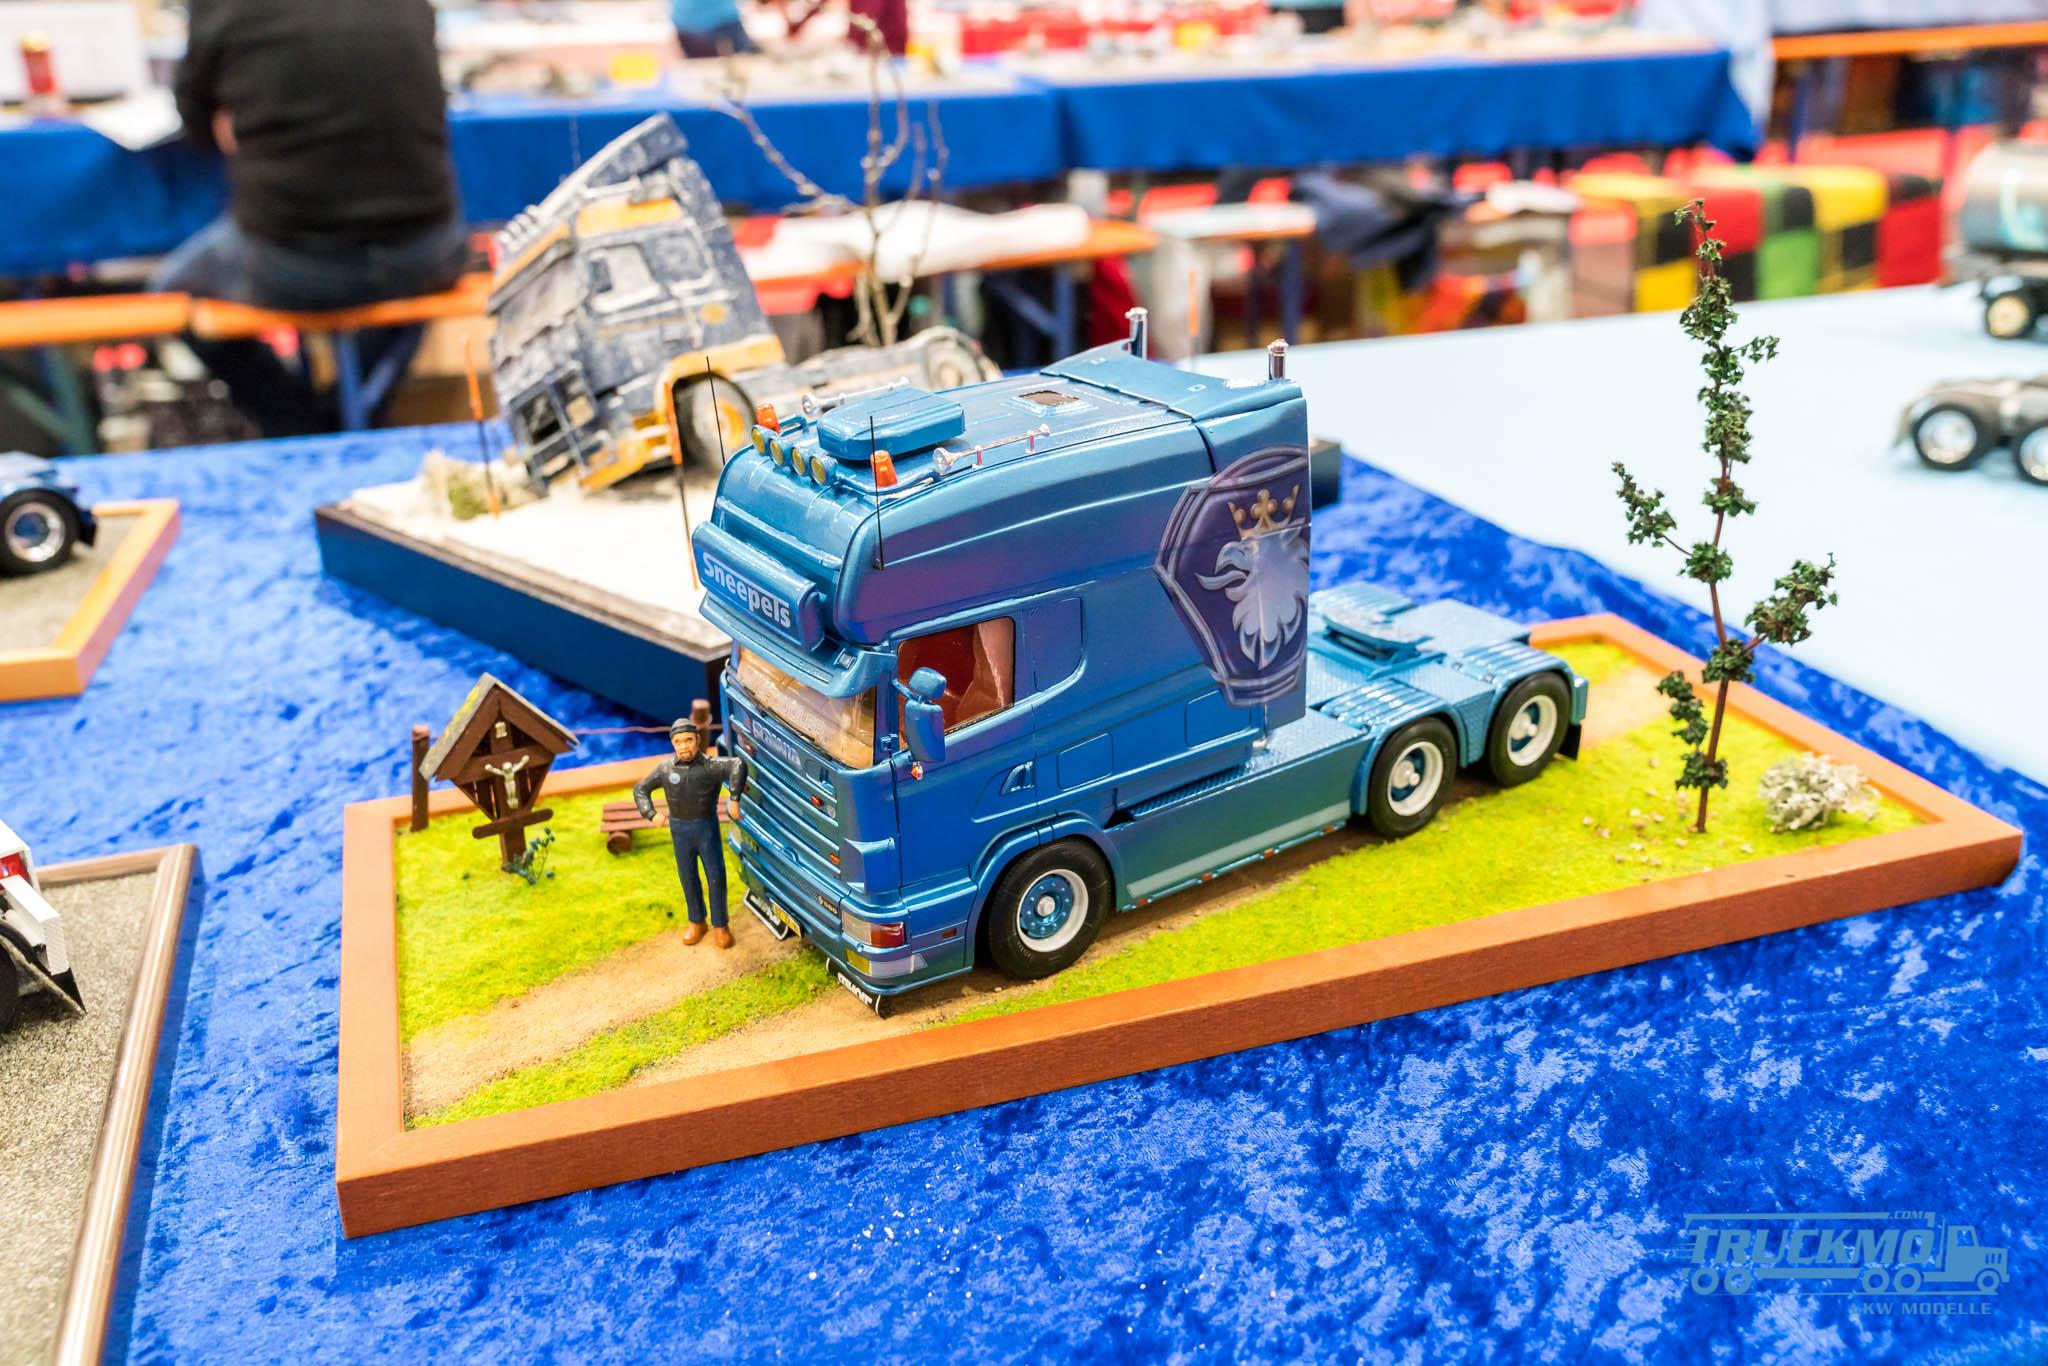 Truckmo_Modellbau_Ried_2017_Herpa_Messe_Modellbauausstellung (331 von 1177)